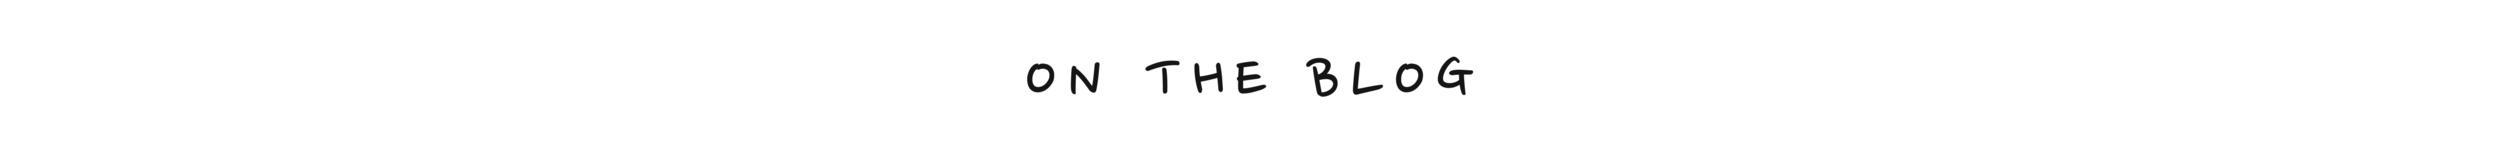 OnTheBlogScriptBarNew.png